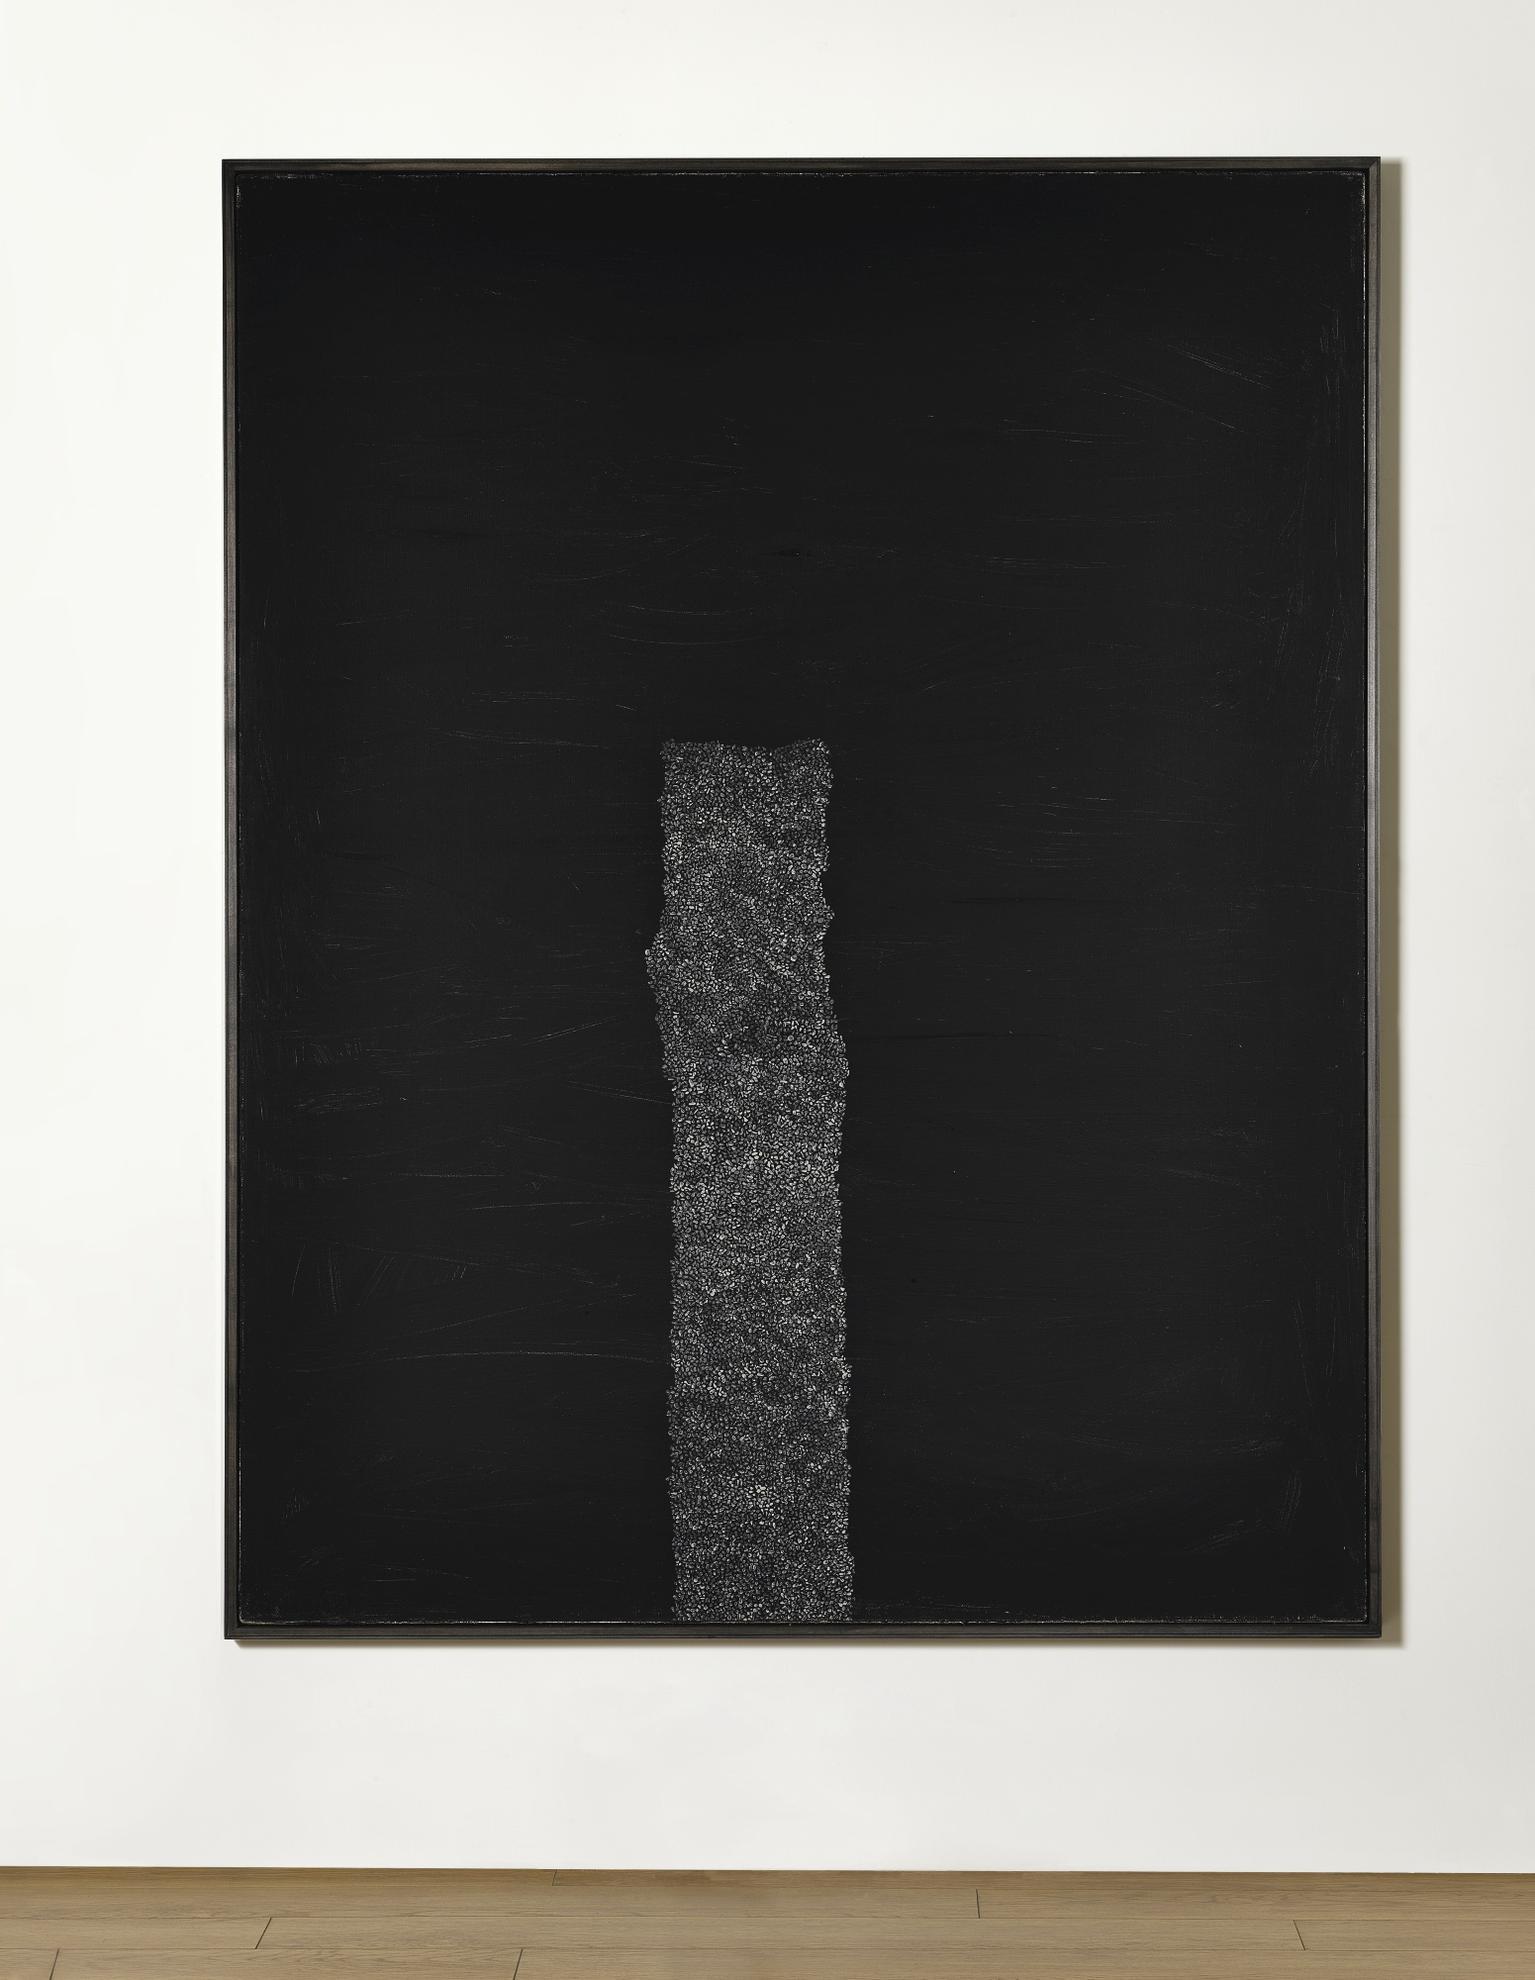 Wang Guangle-Terrazzo No.9, 2003-2003